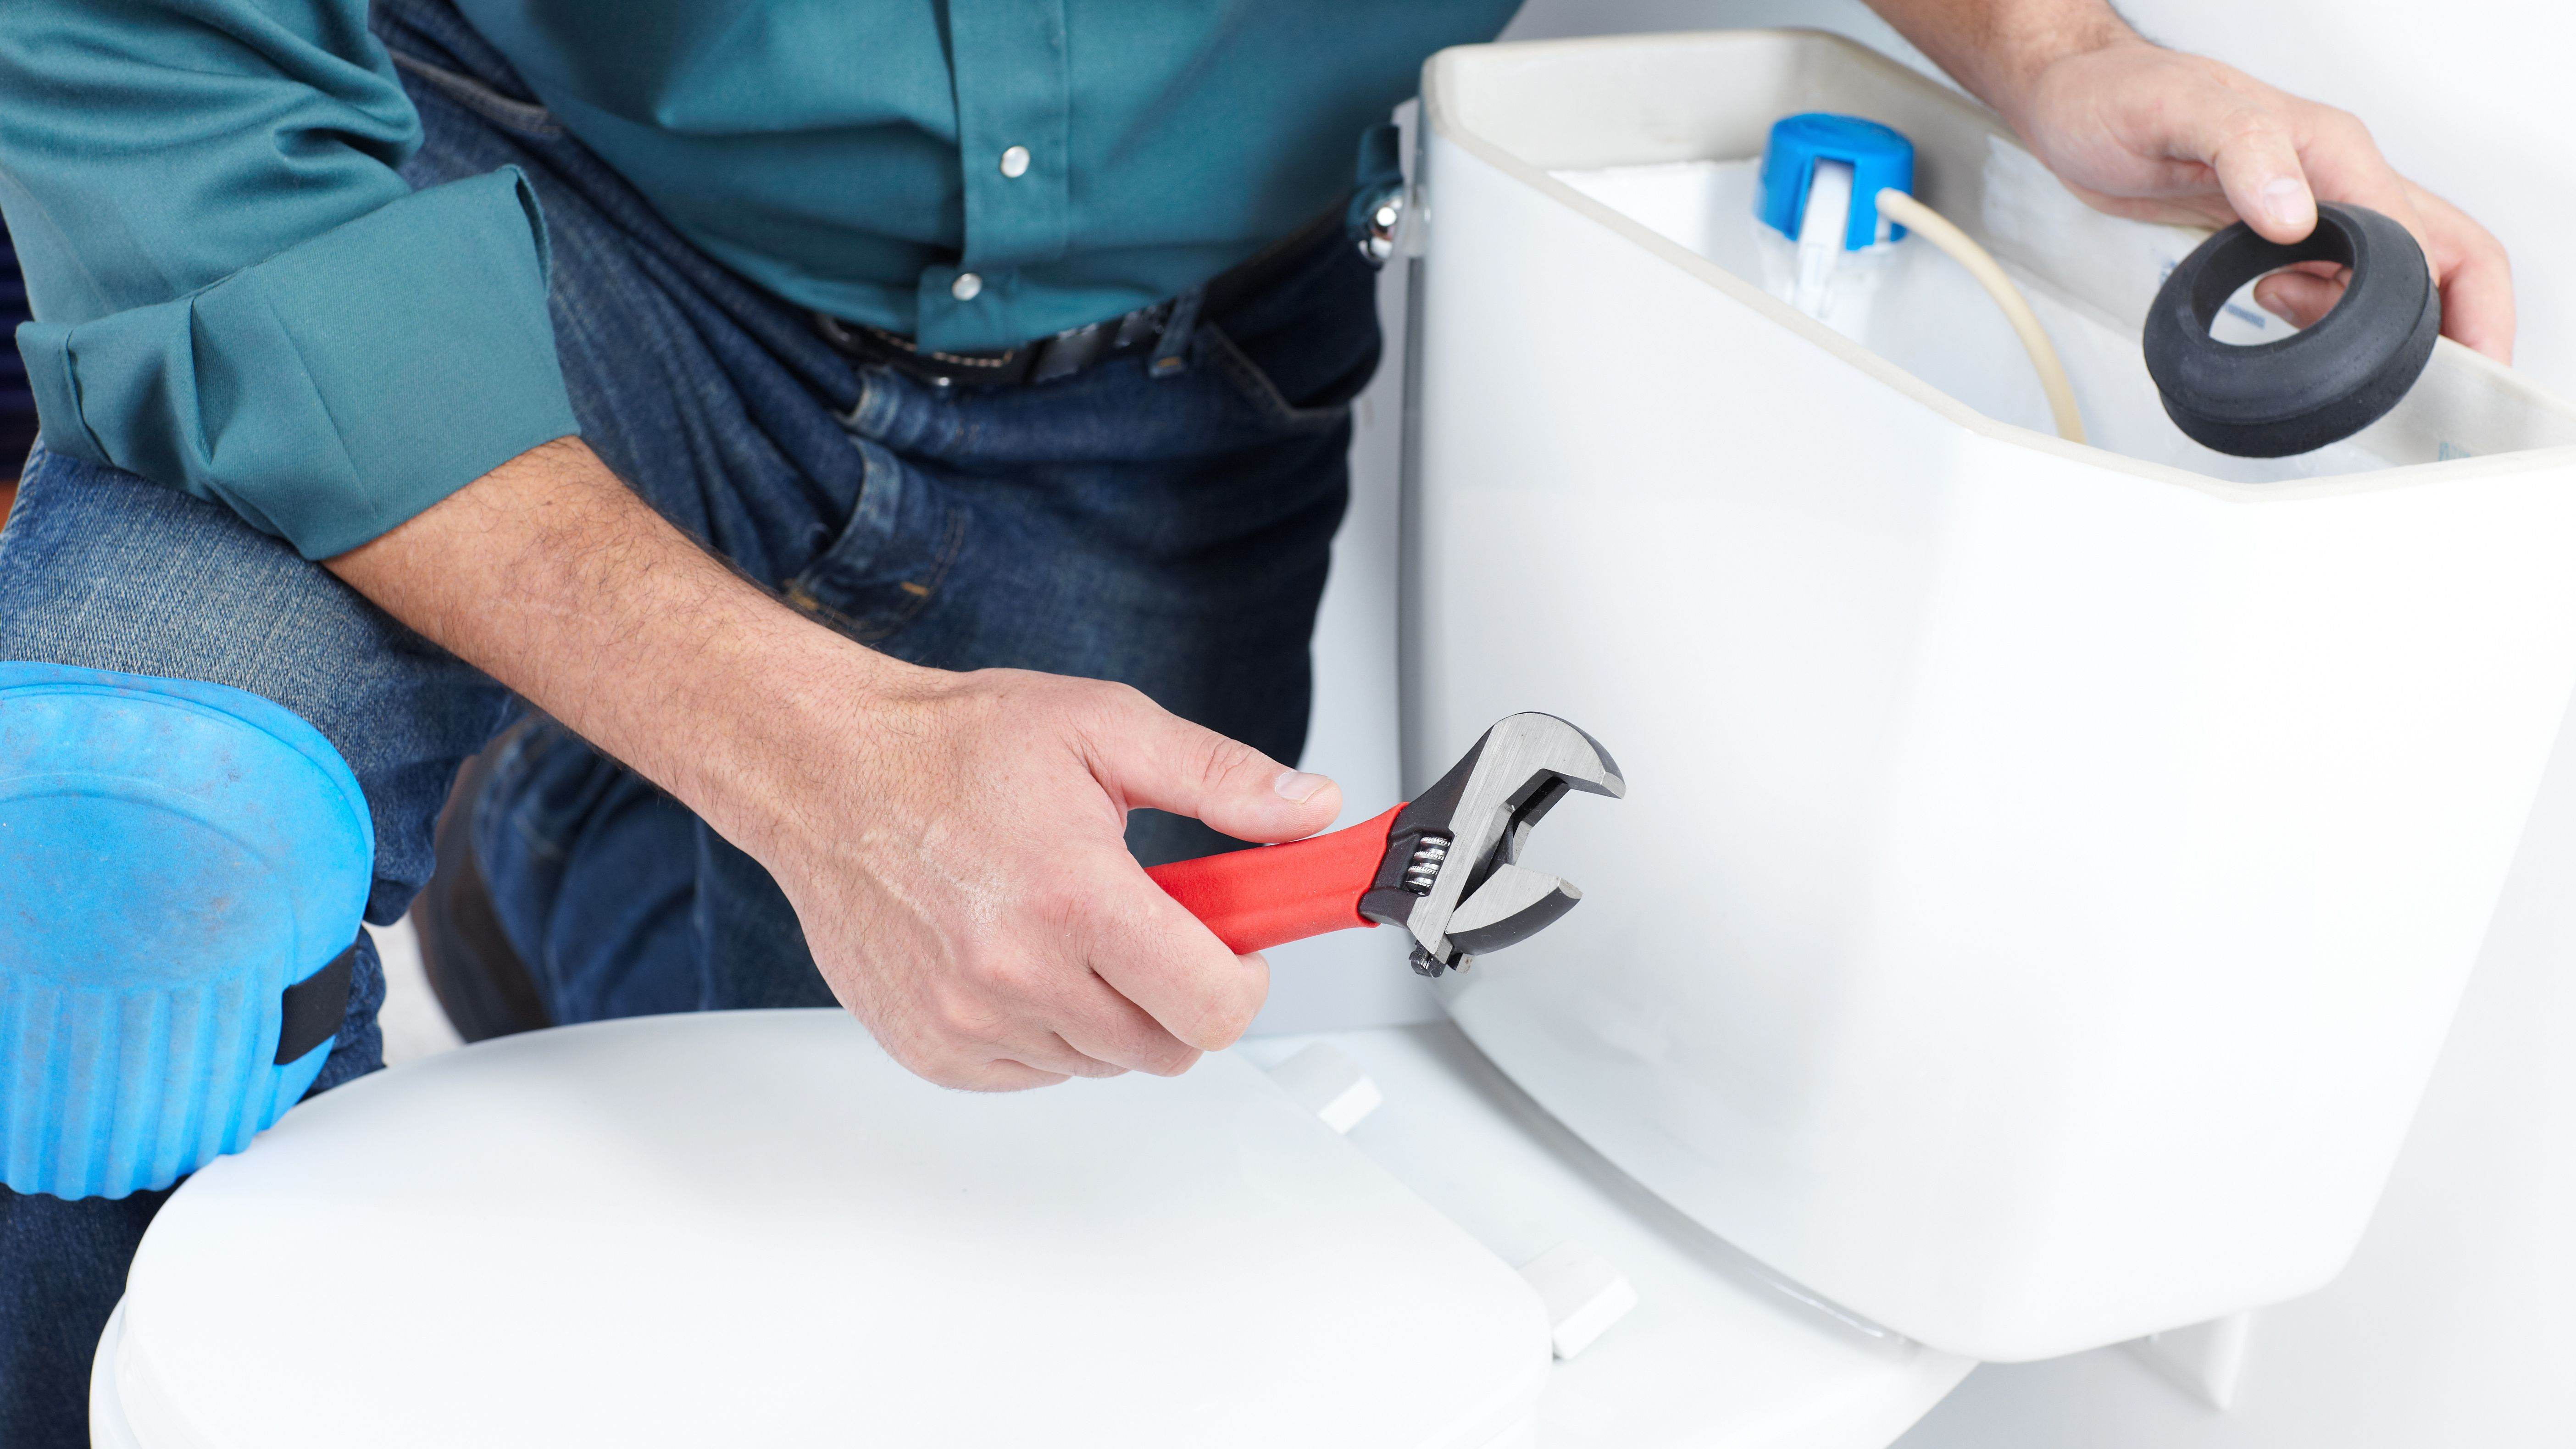 Comment remplacer une chasse d'eau ou mécanisme de WC